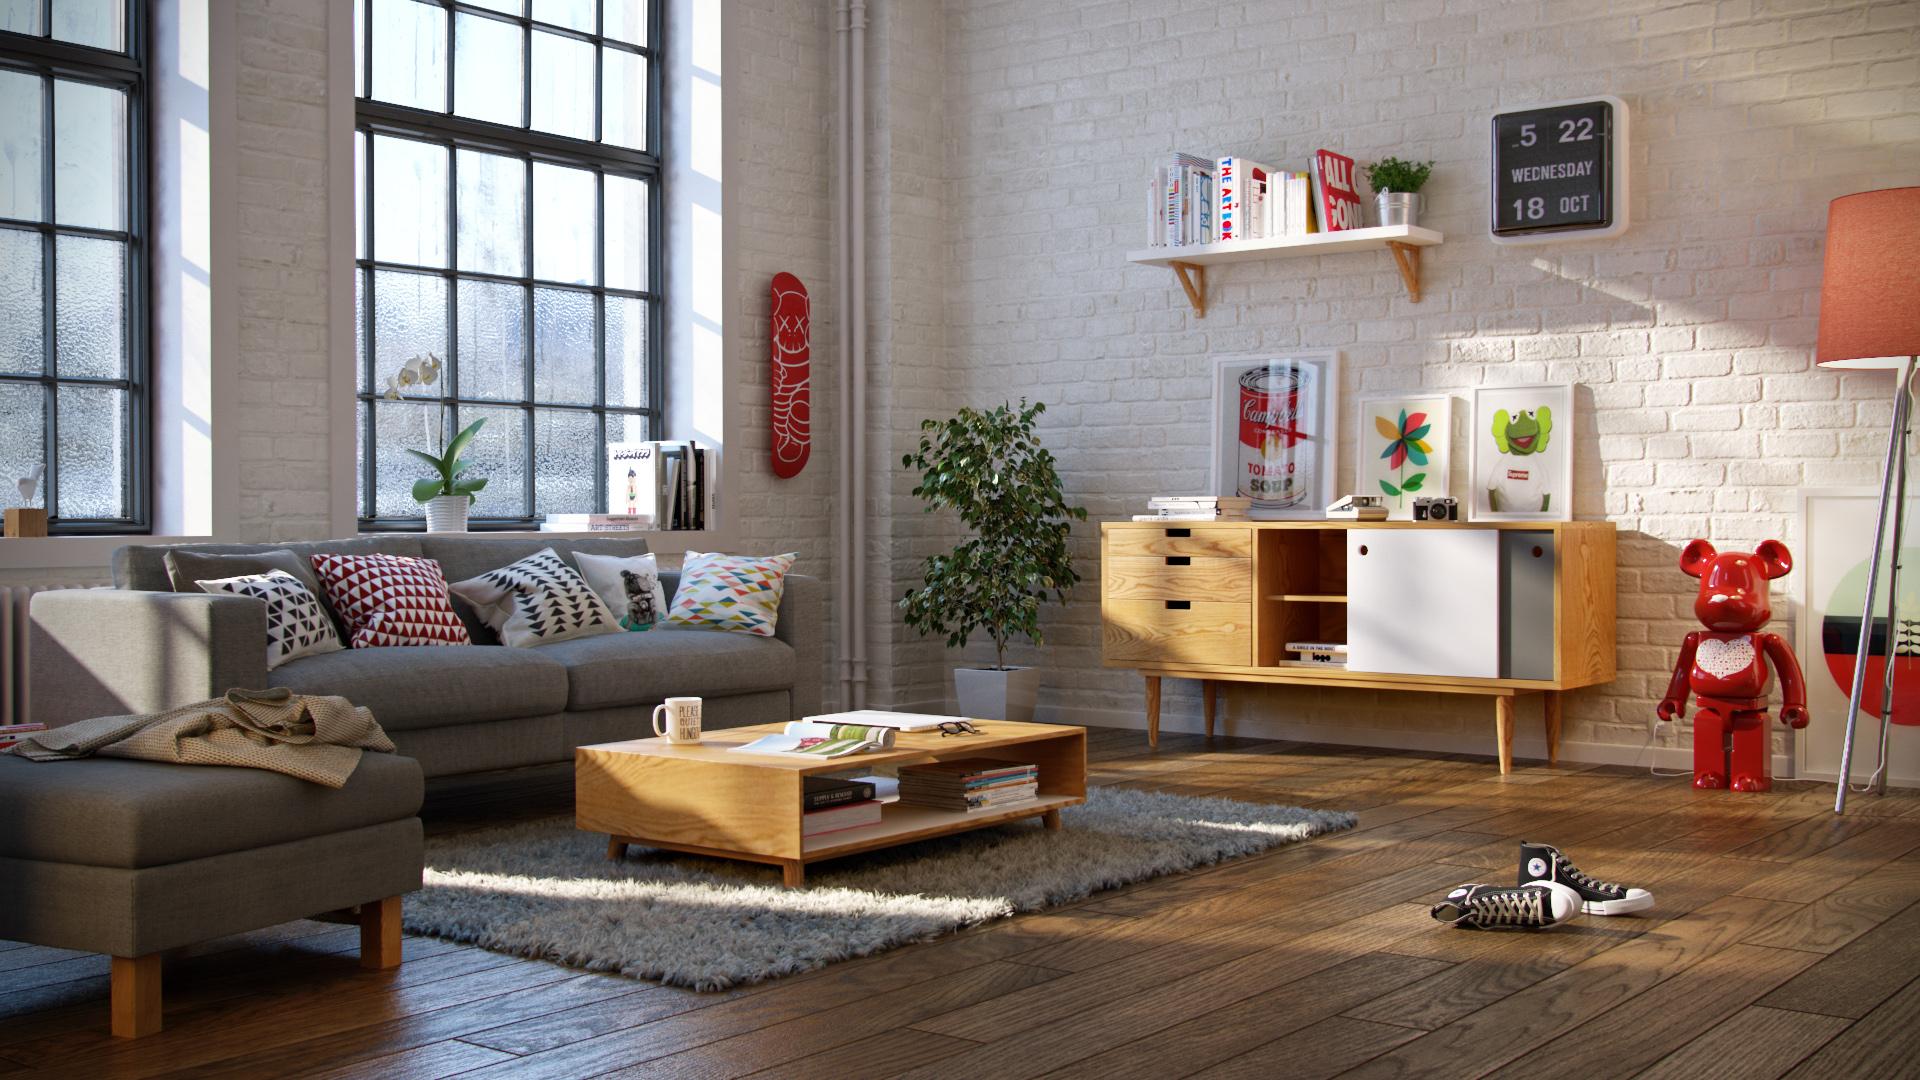 Apartment01